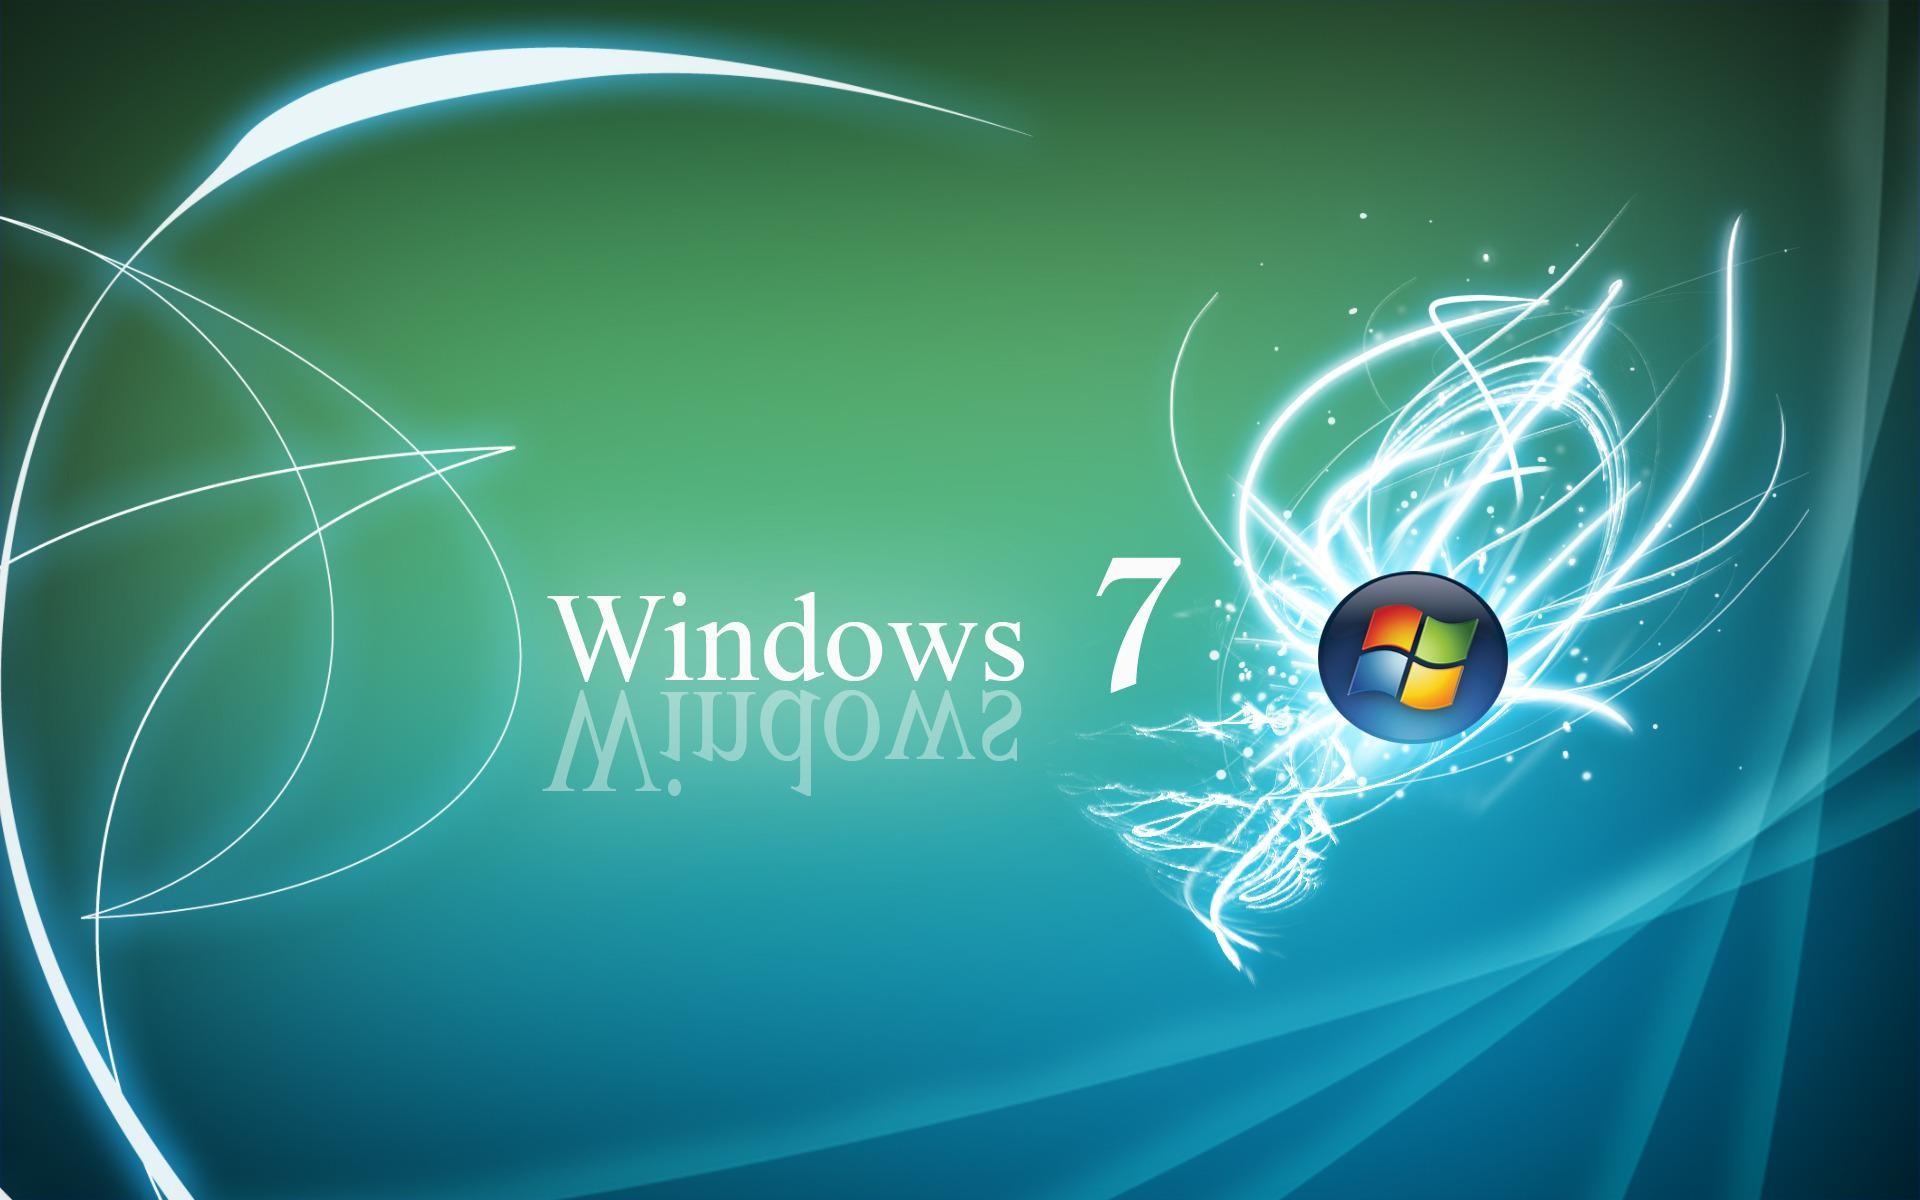 desktop wallpaper for windows 7 67 images